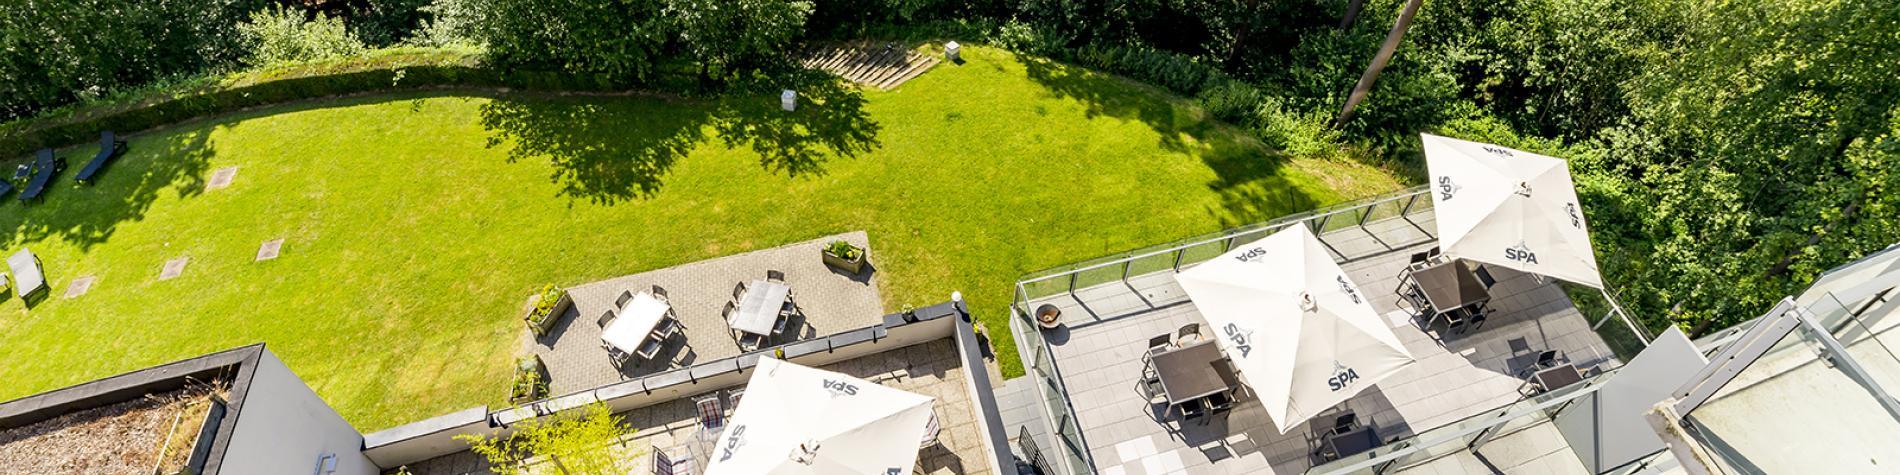 Silva Hotel Spa-Balmoral - Jardin et terrasses